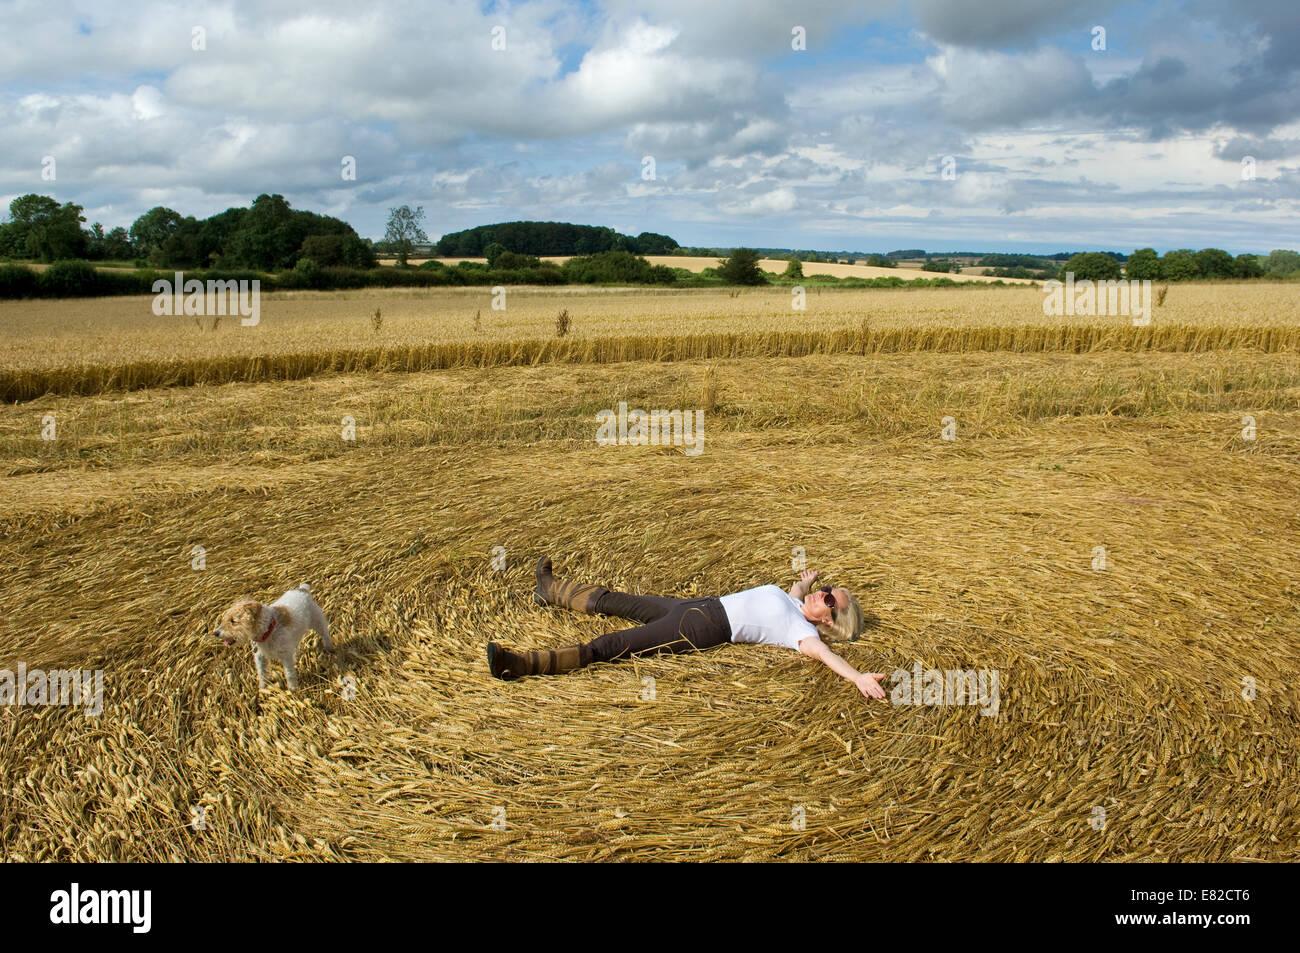 Ein Bauer auf seinem Rücken in die Stoppeln von einem frisch geschnittenen Ernte Feld Erstellen eines Musters Stockbild